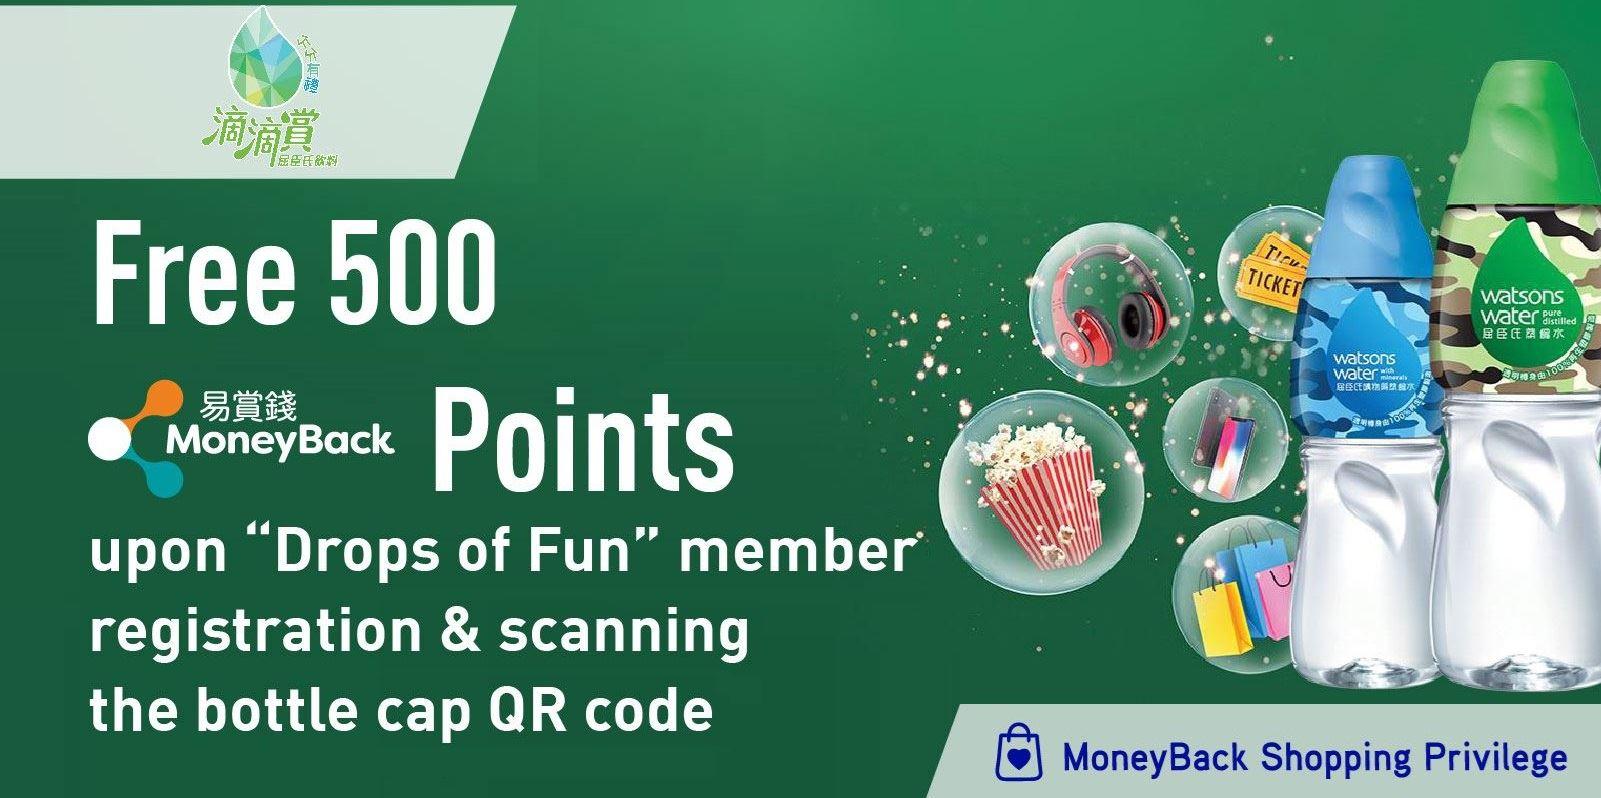 易賞錢會員登記「滴滴賞」並掃瞄二維碼送 500 易賞錢積分